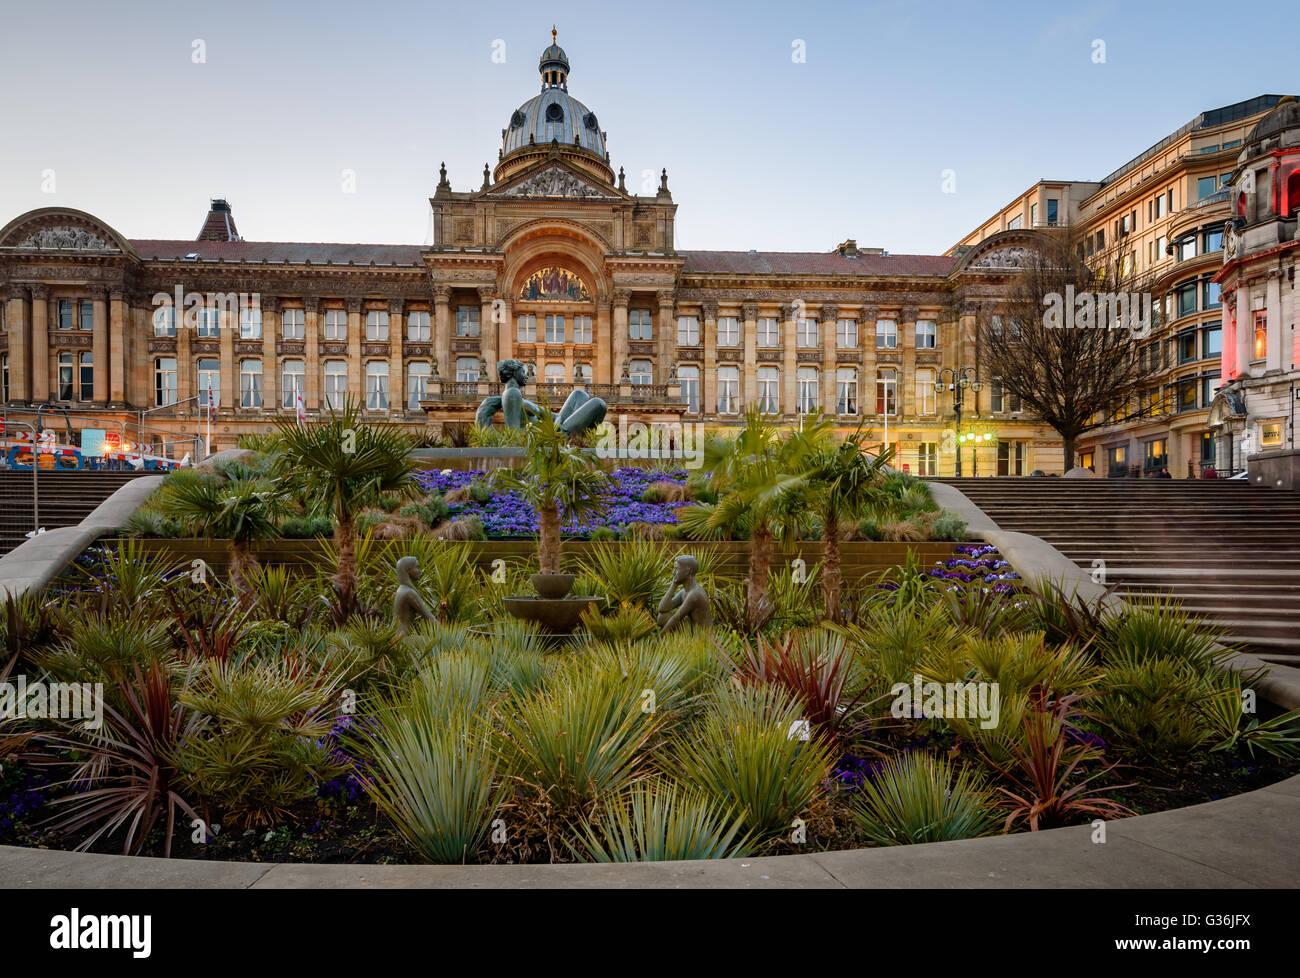 El primero de los ayuntamientos monumental que vendría a caracterizar a las ciudades de la Inglaterra victoriana, Imagen De Stock